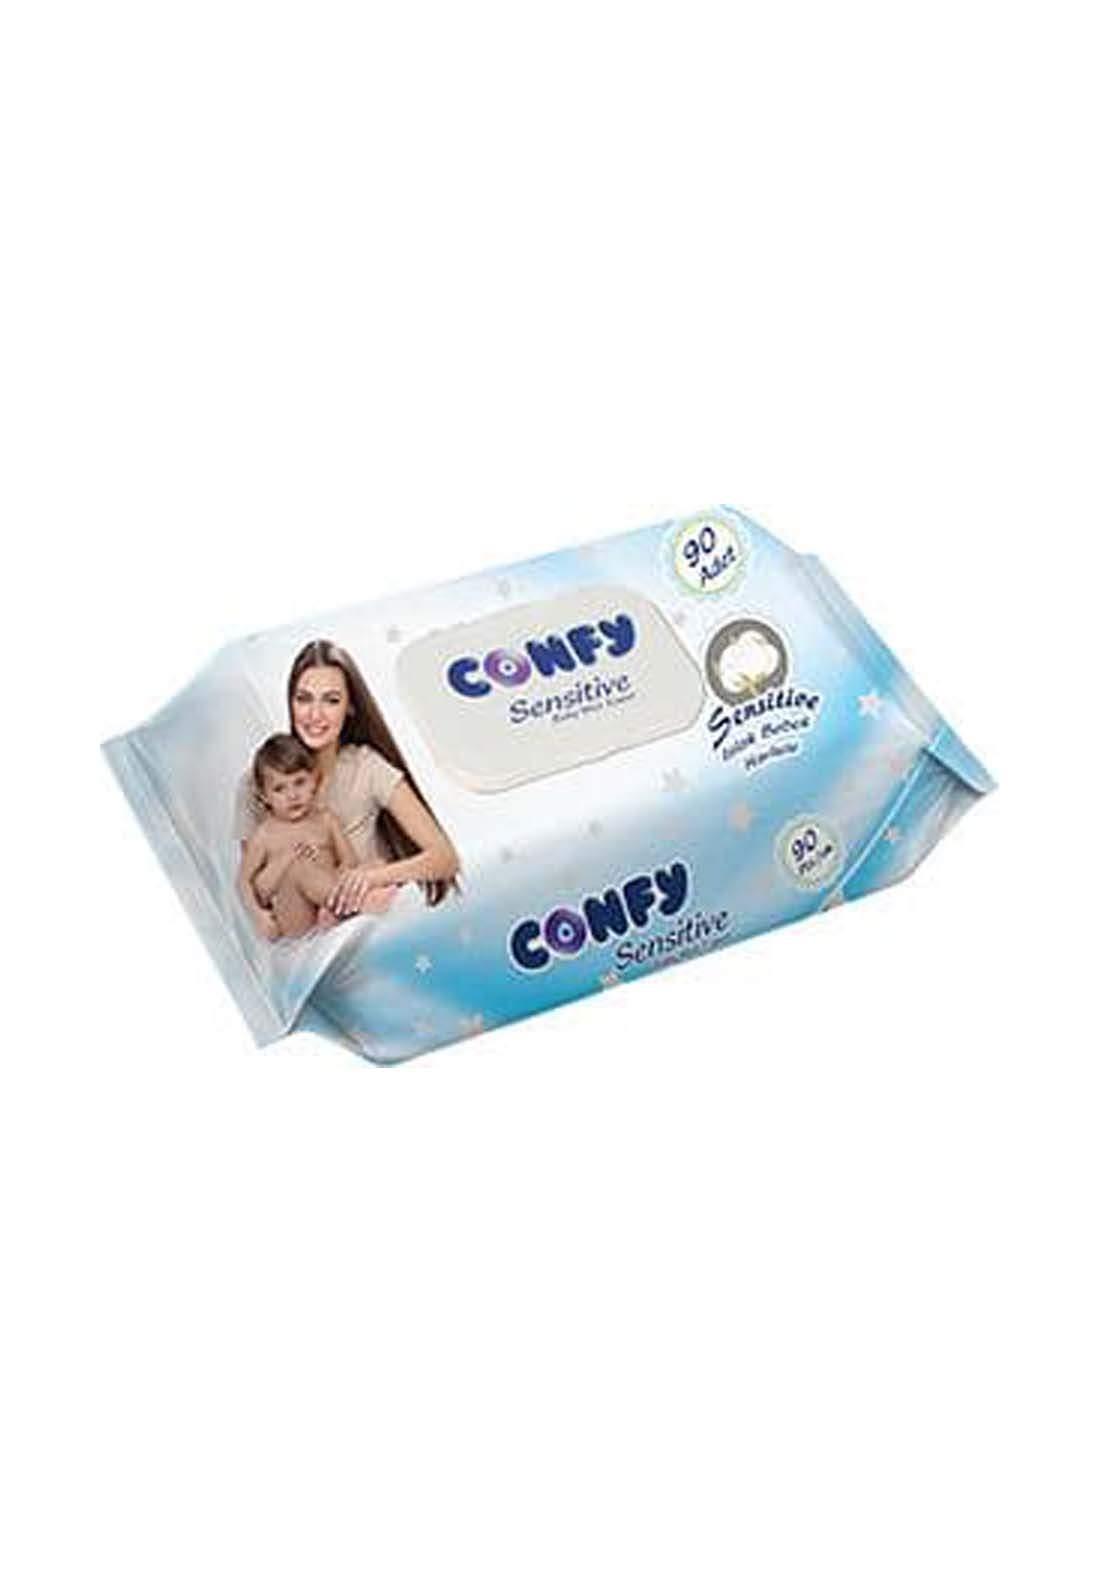 Confy Sensitive Baby Wet 90 pcs مناديل مبللة للبشرة الحساسة